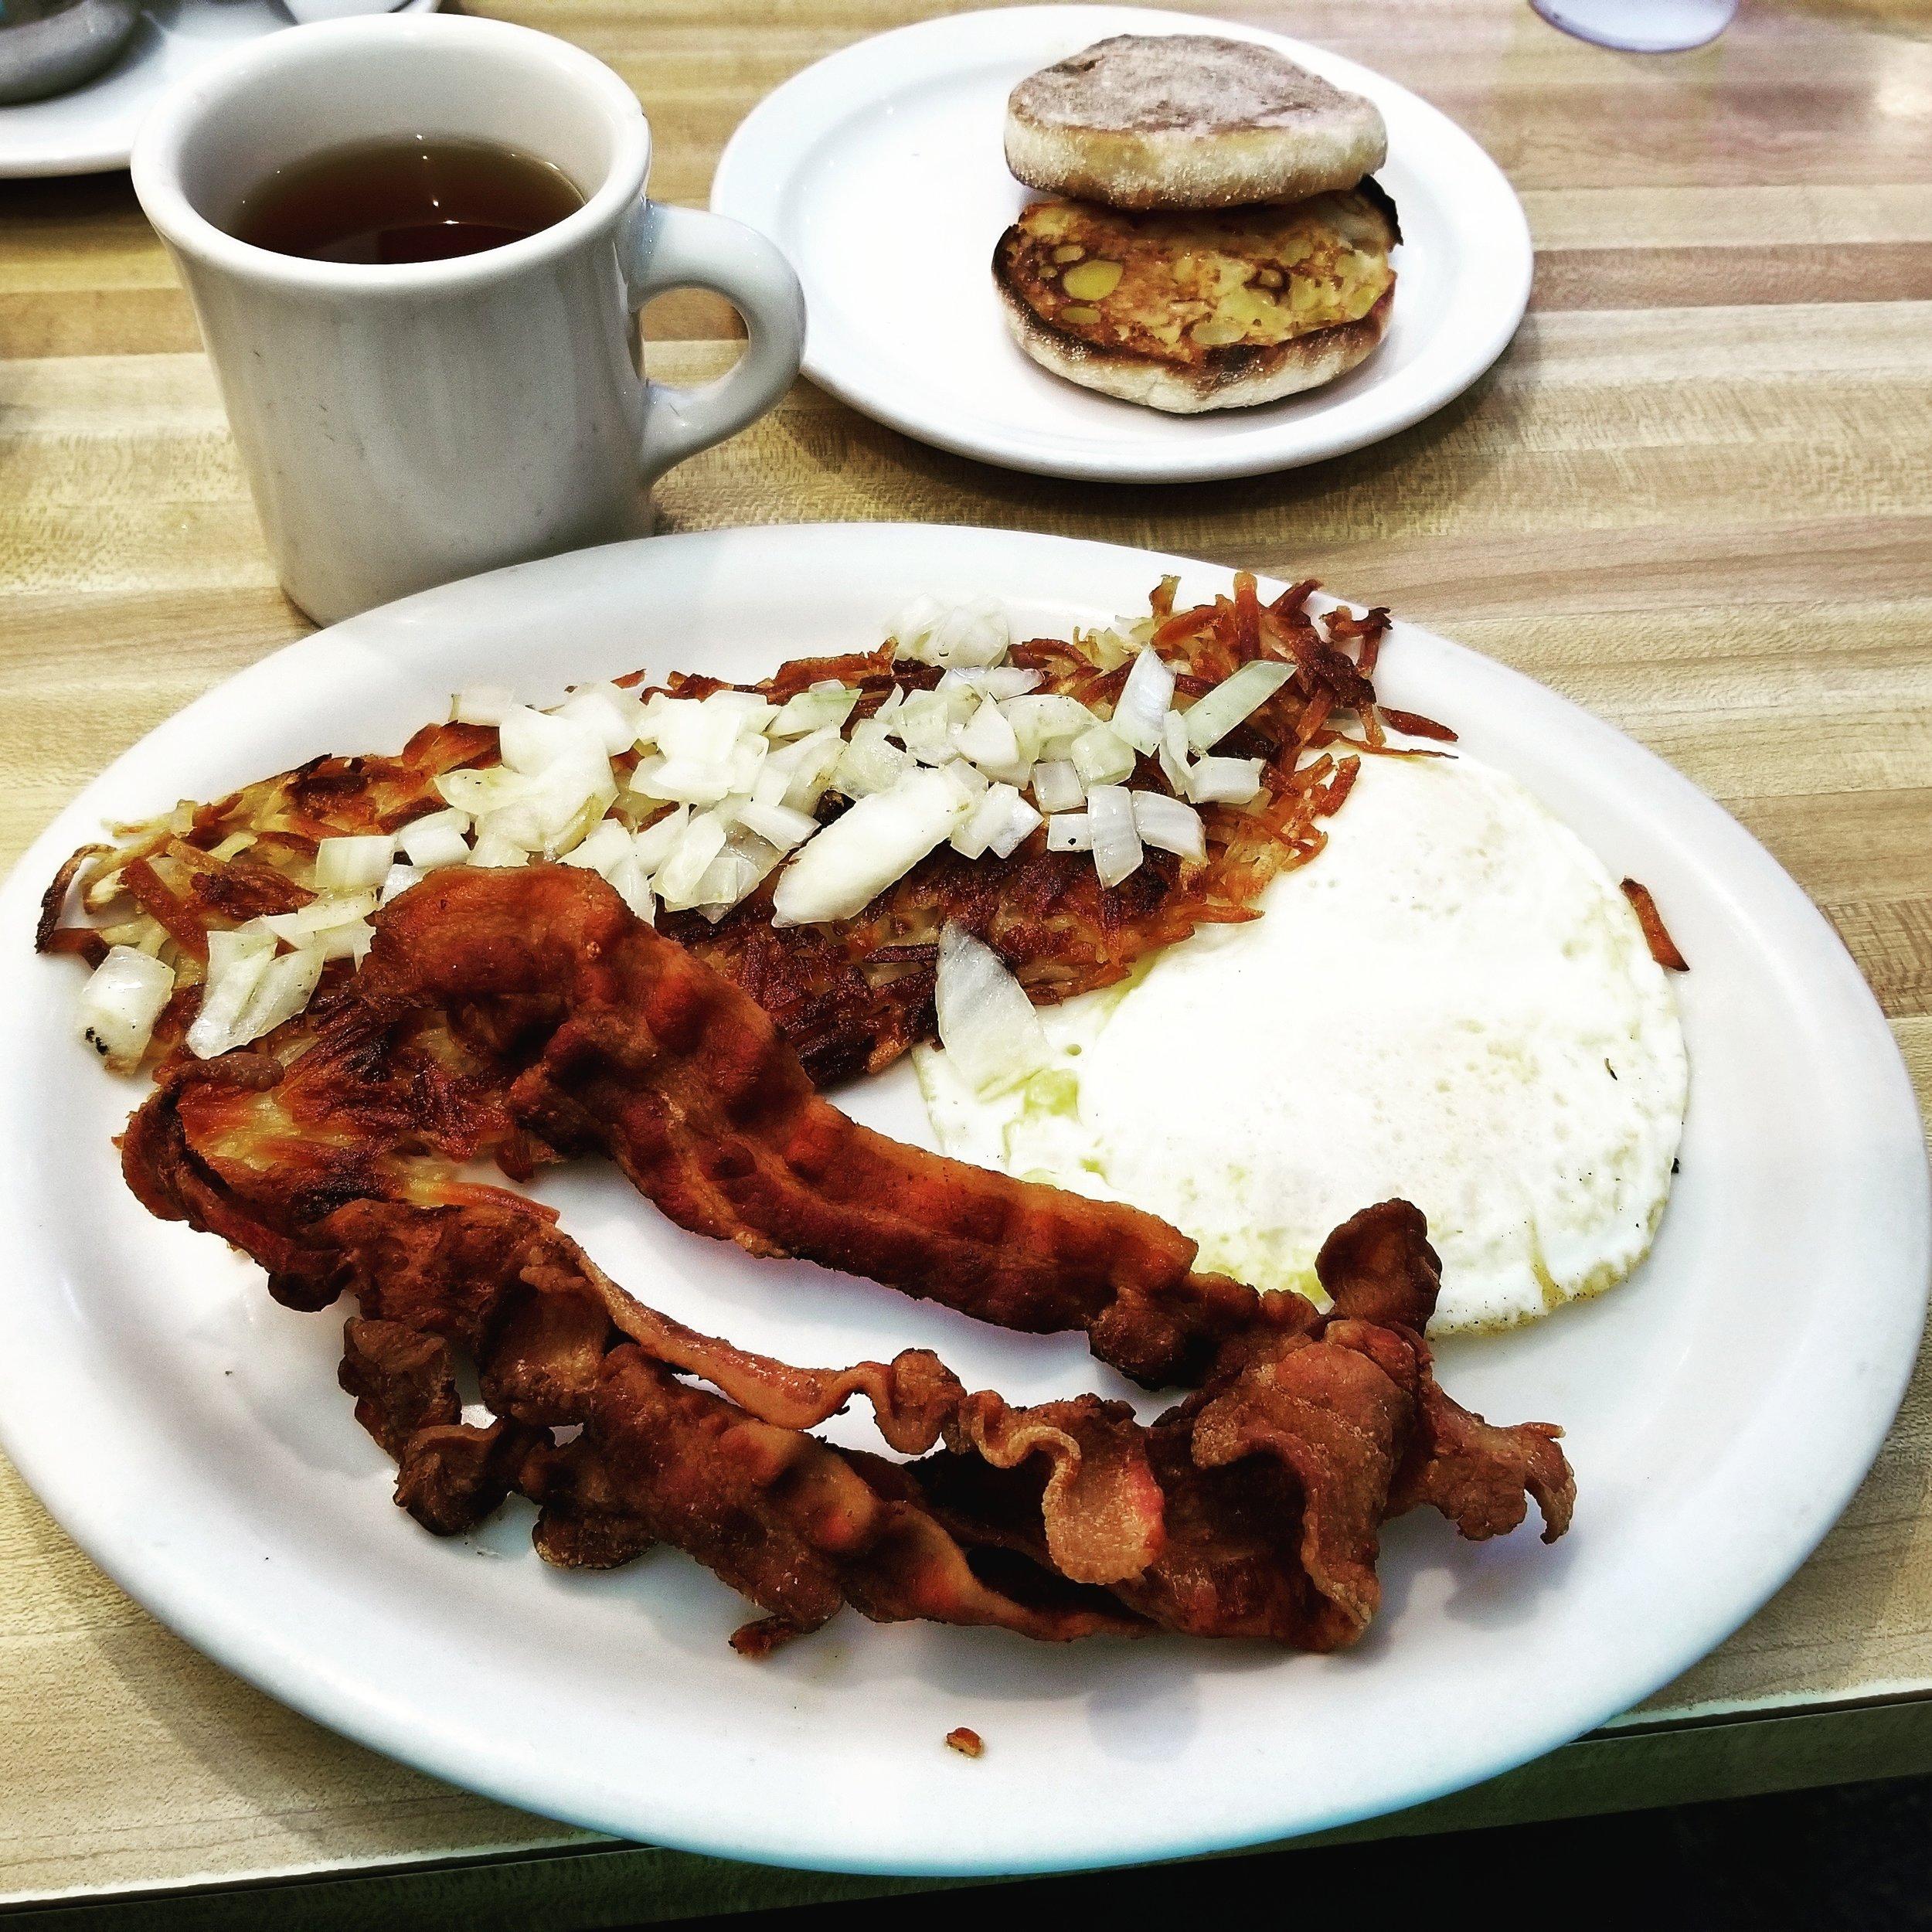 Linda_Image_Breakfast.jpg